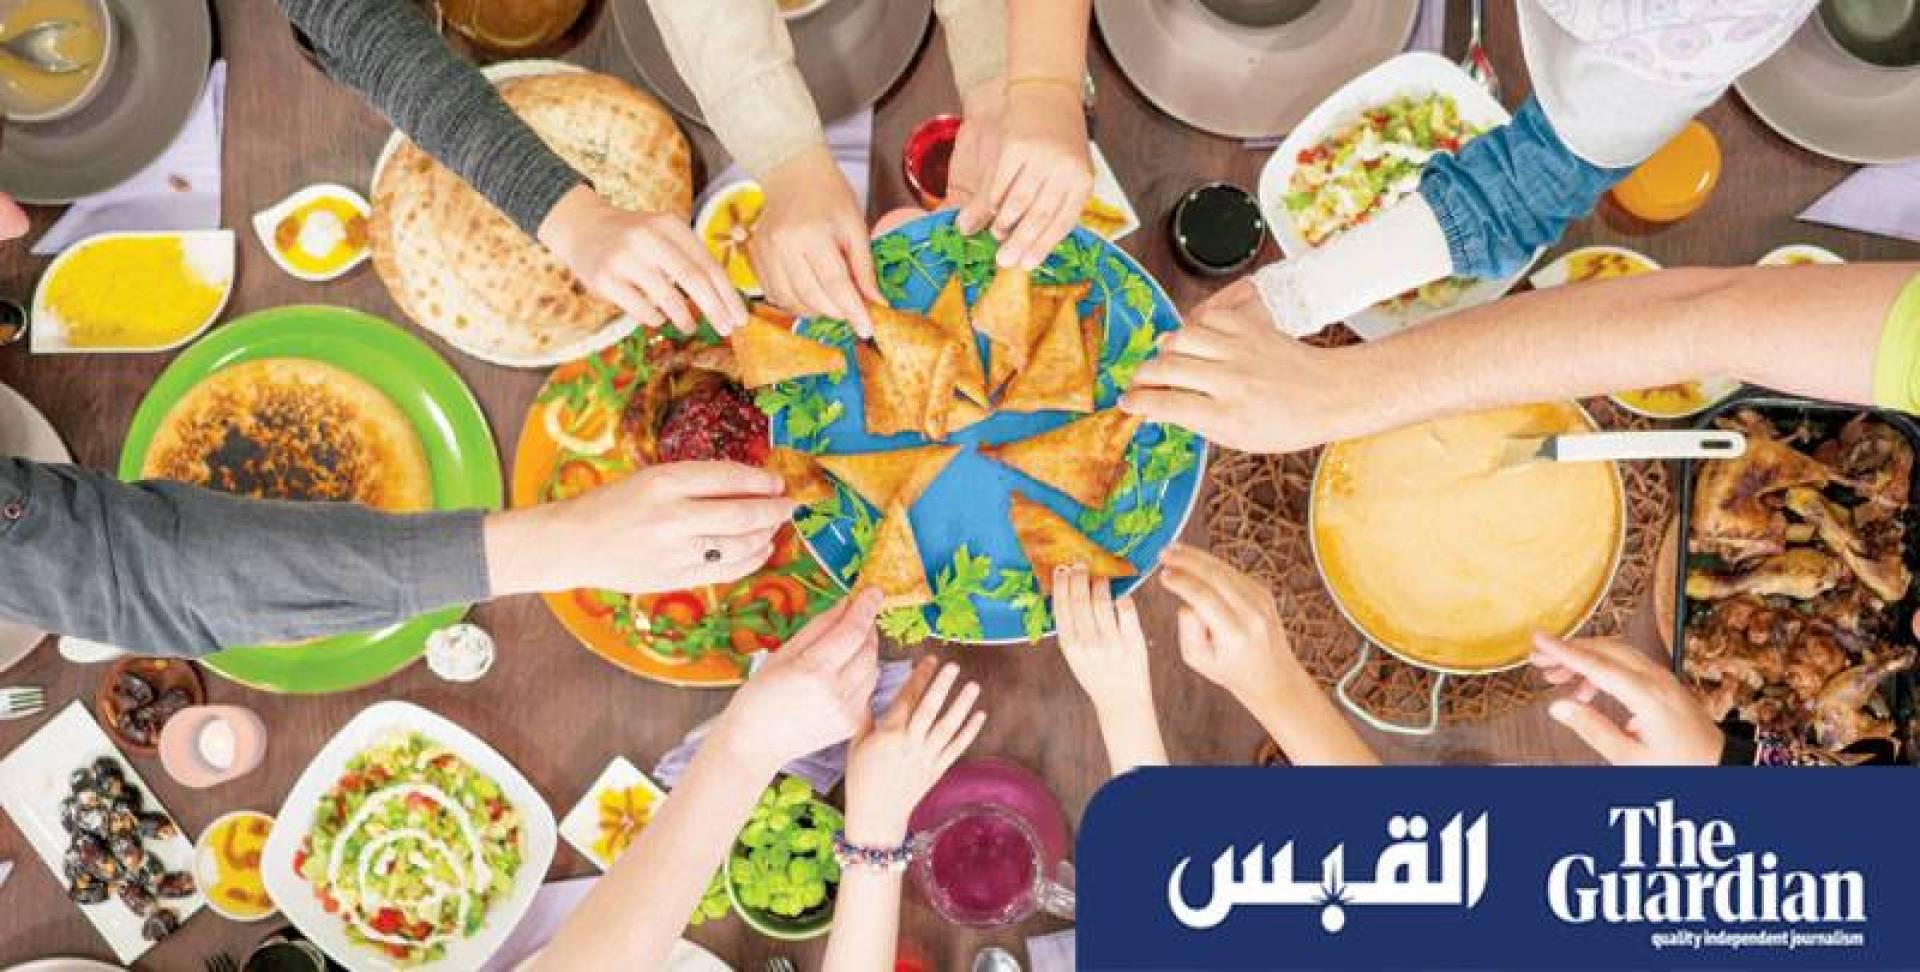 بين الجوع والأكل المفاجئ.. كيف تتصرف أجسامنا في رمضان؟